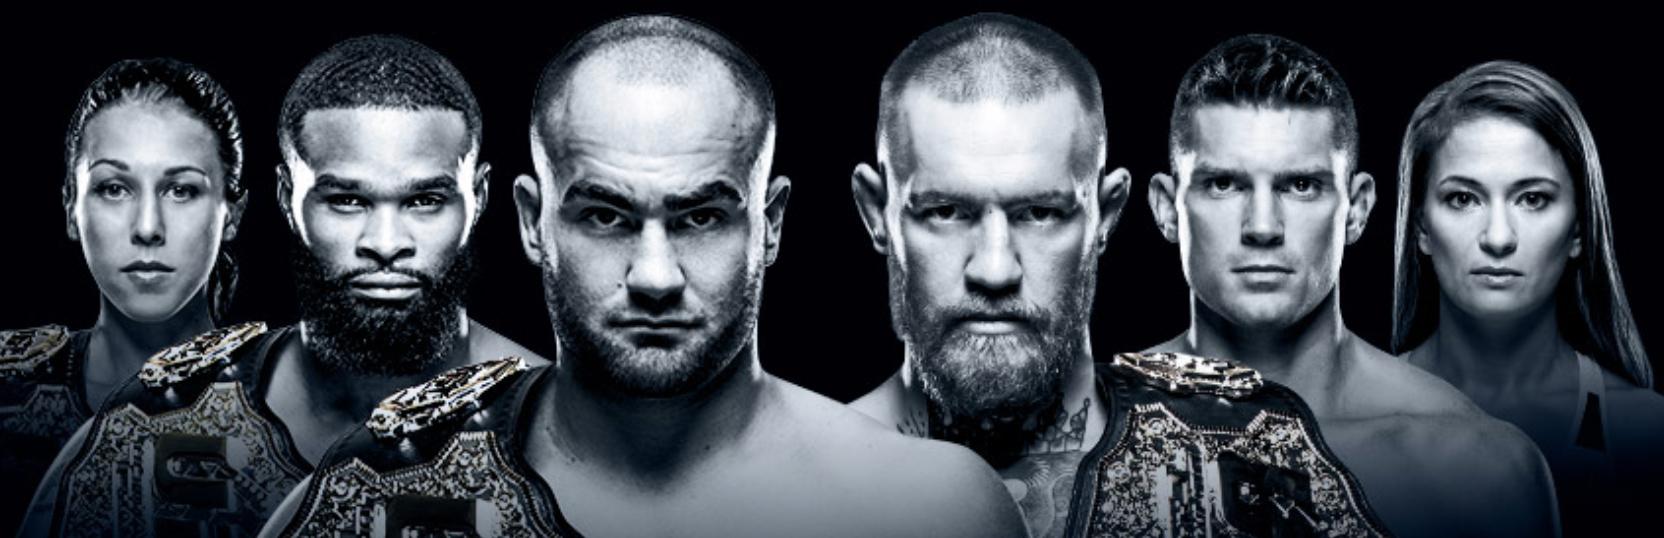 Inför UFC 205: Evans vs Kennedy har blivit struken